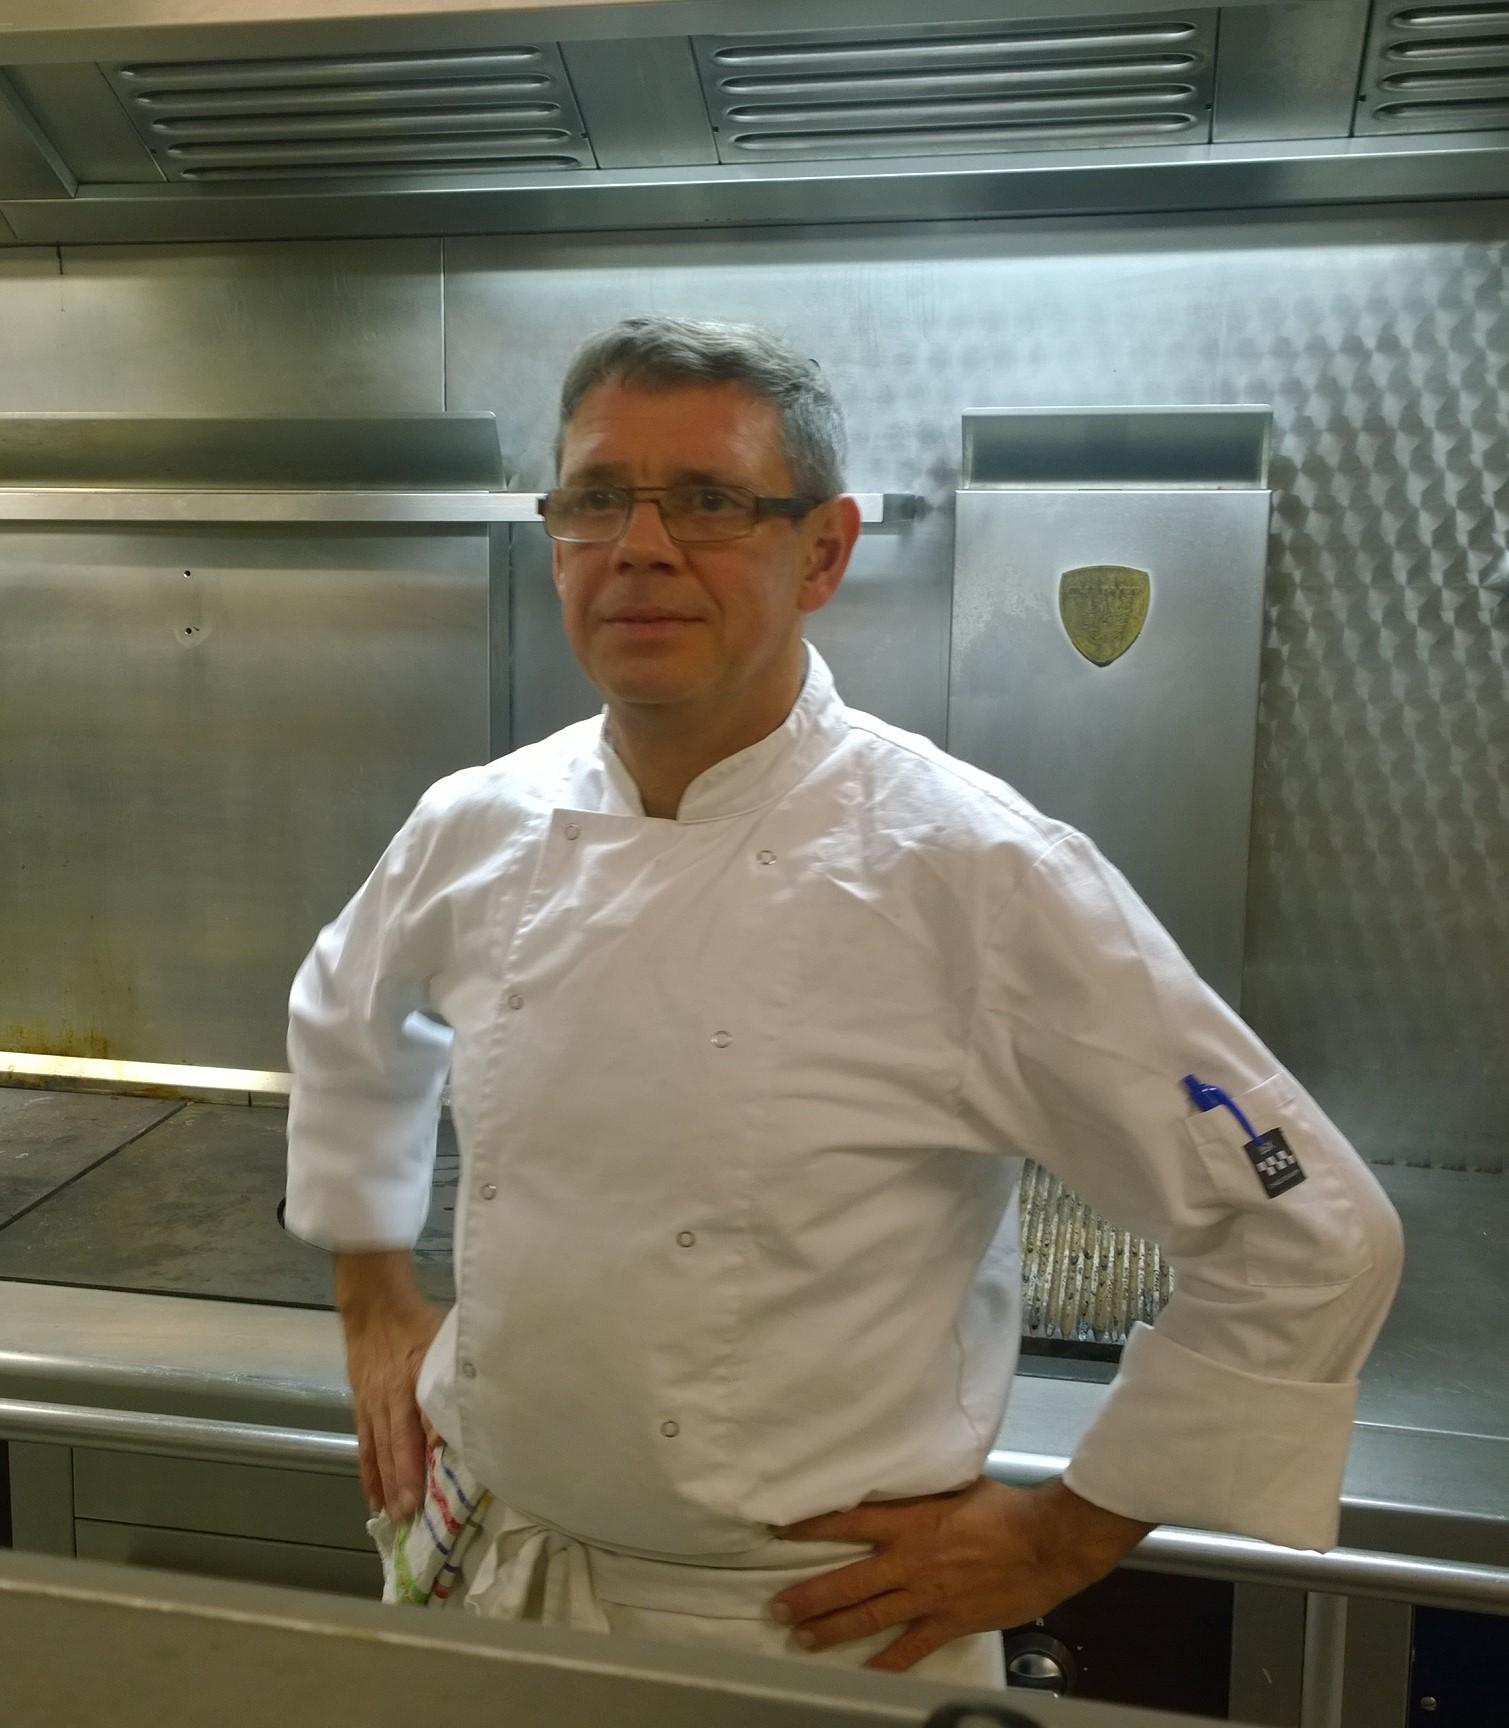 Patrick eigenaar - chef